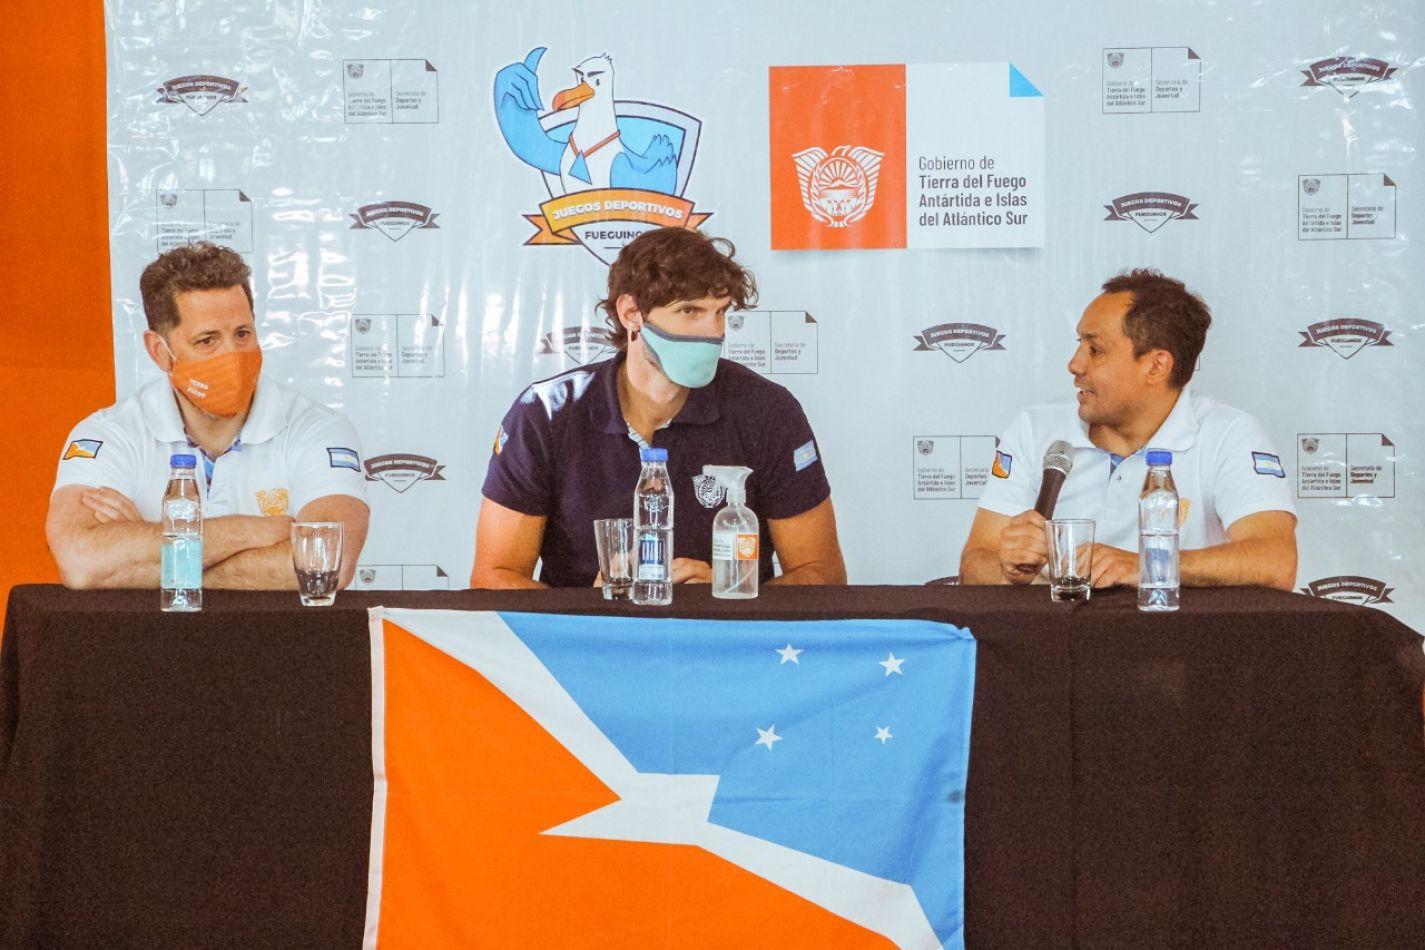 Santiago Darraidou será el responsable de los dos equipos que competirán  de los Juegos EPADE y Juegos de la Araucanía.